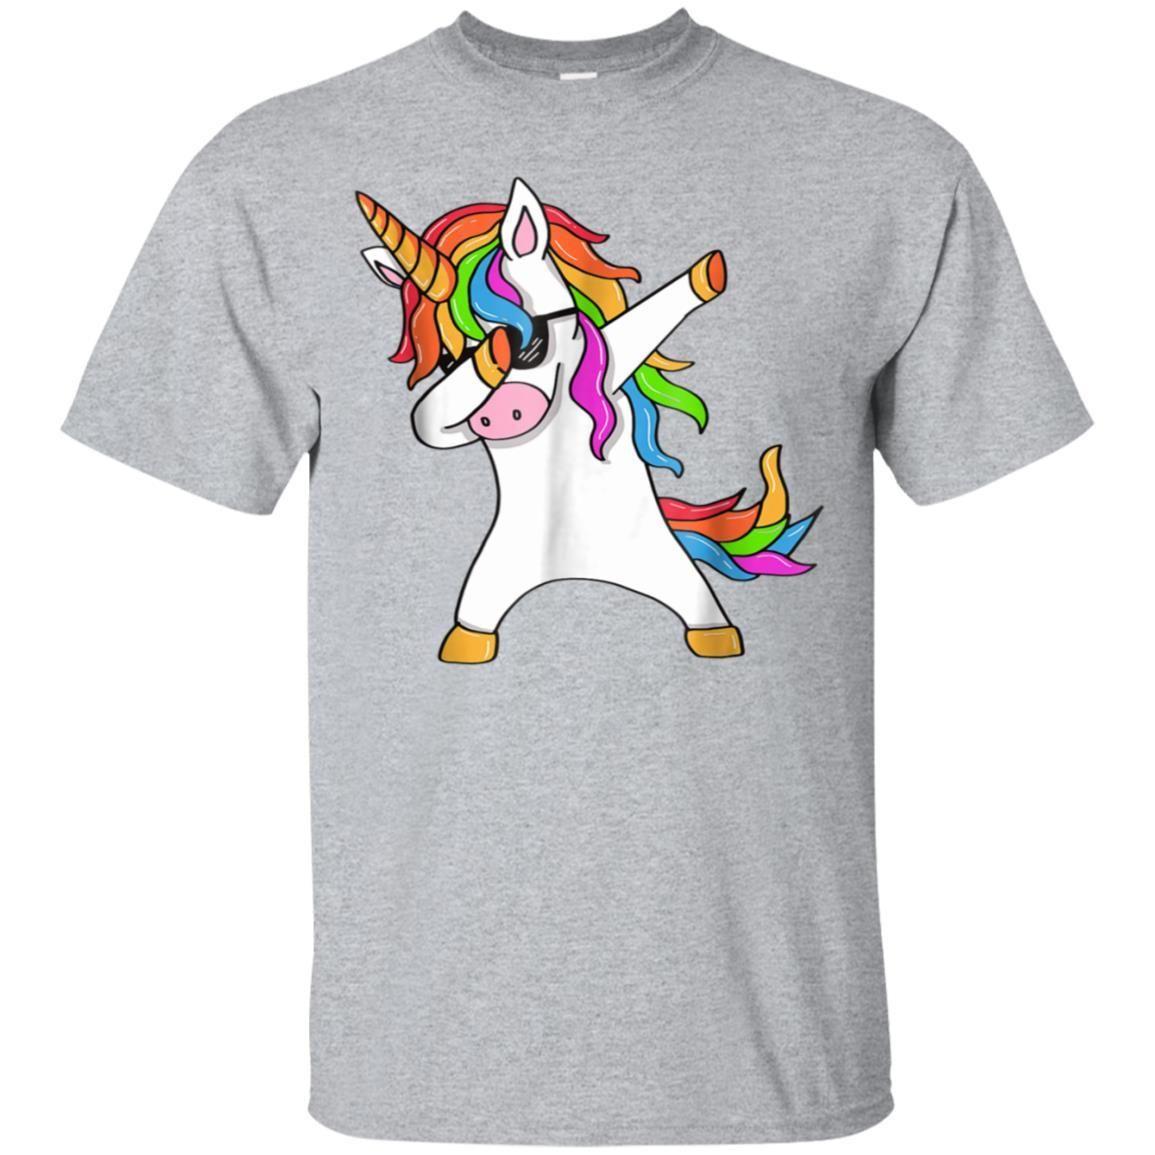 101f8c220 99promocode Dabbing Unicorn T-Shirt - Unicorn Dab T-Shirt - Unicorn Gift